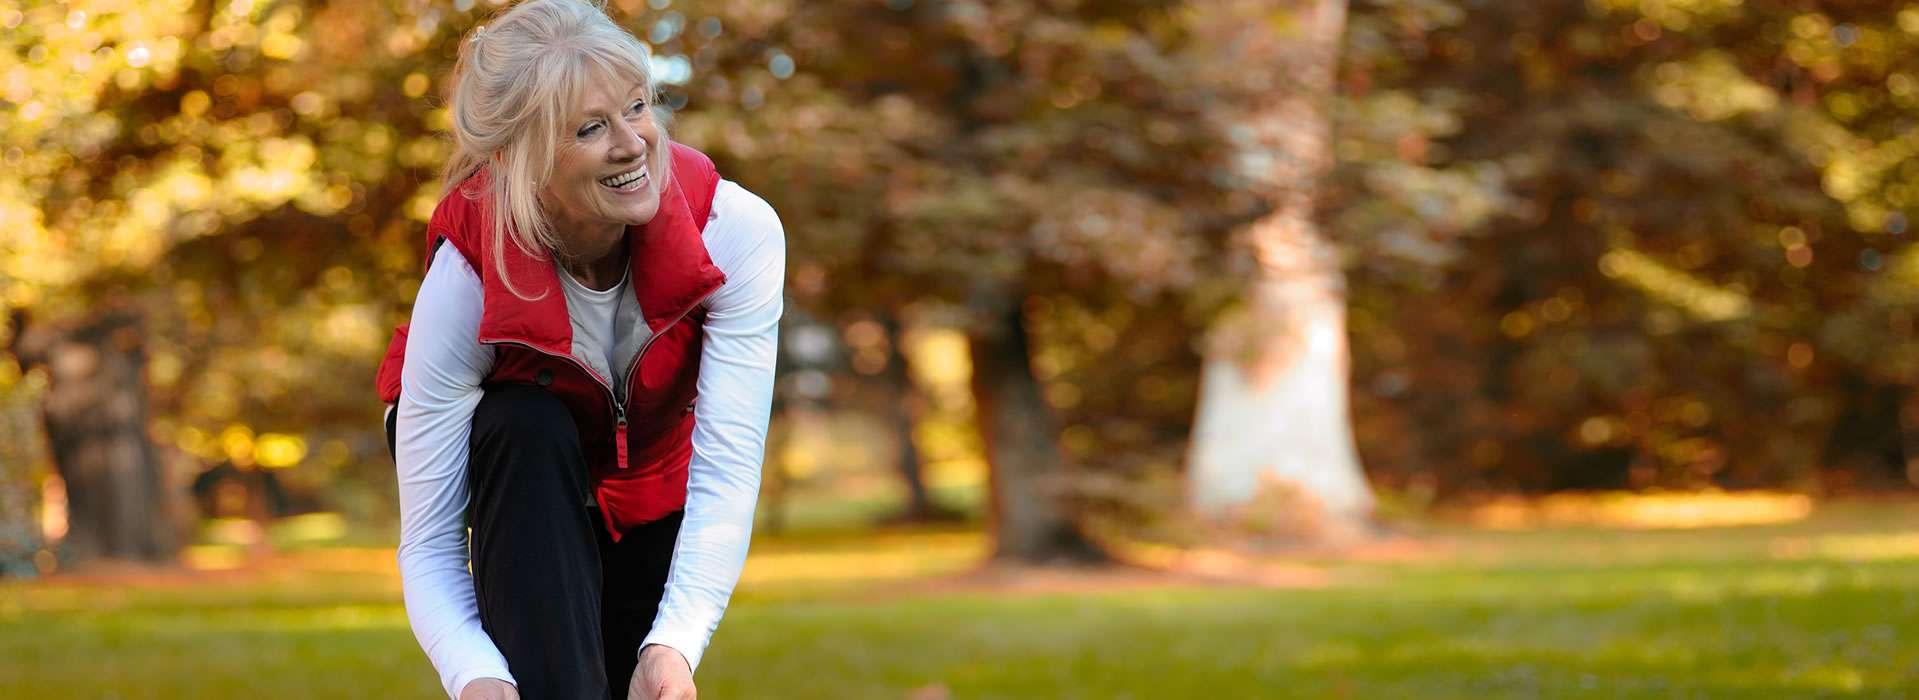 Headerbild Bewegt ÄLTER werden in NRW! Fitness in freier Natur